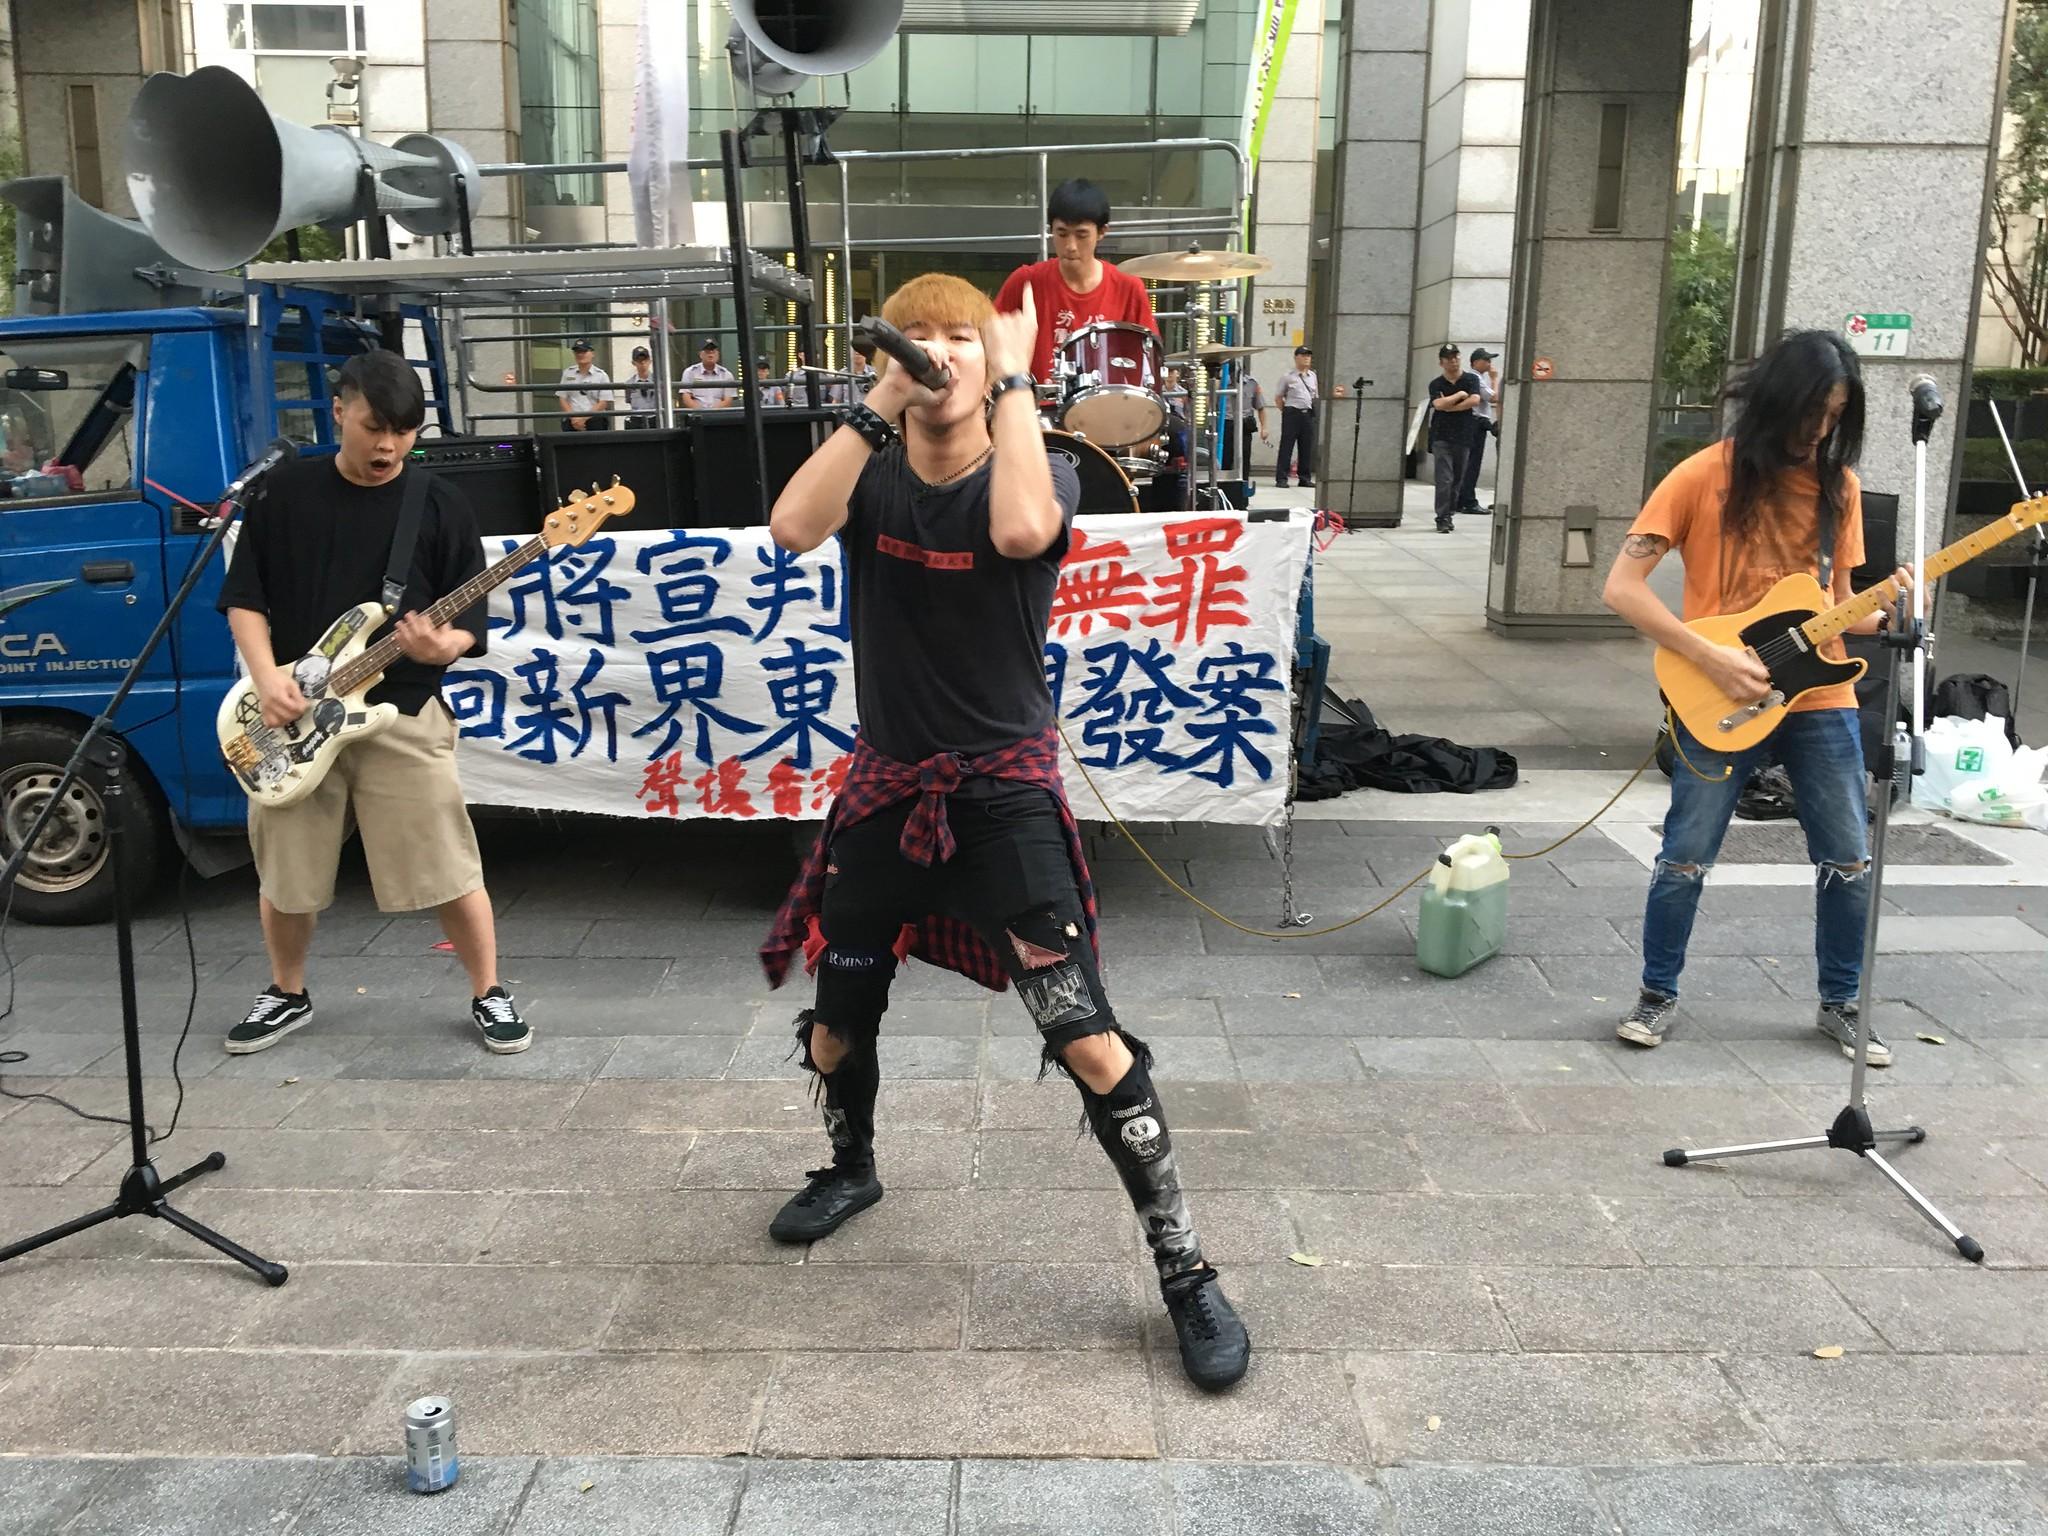 今天現場演出的龐克樂團,透過身體與音樂的張力,表達人民反抗的意志。(攝影:陳逸婷)